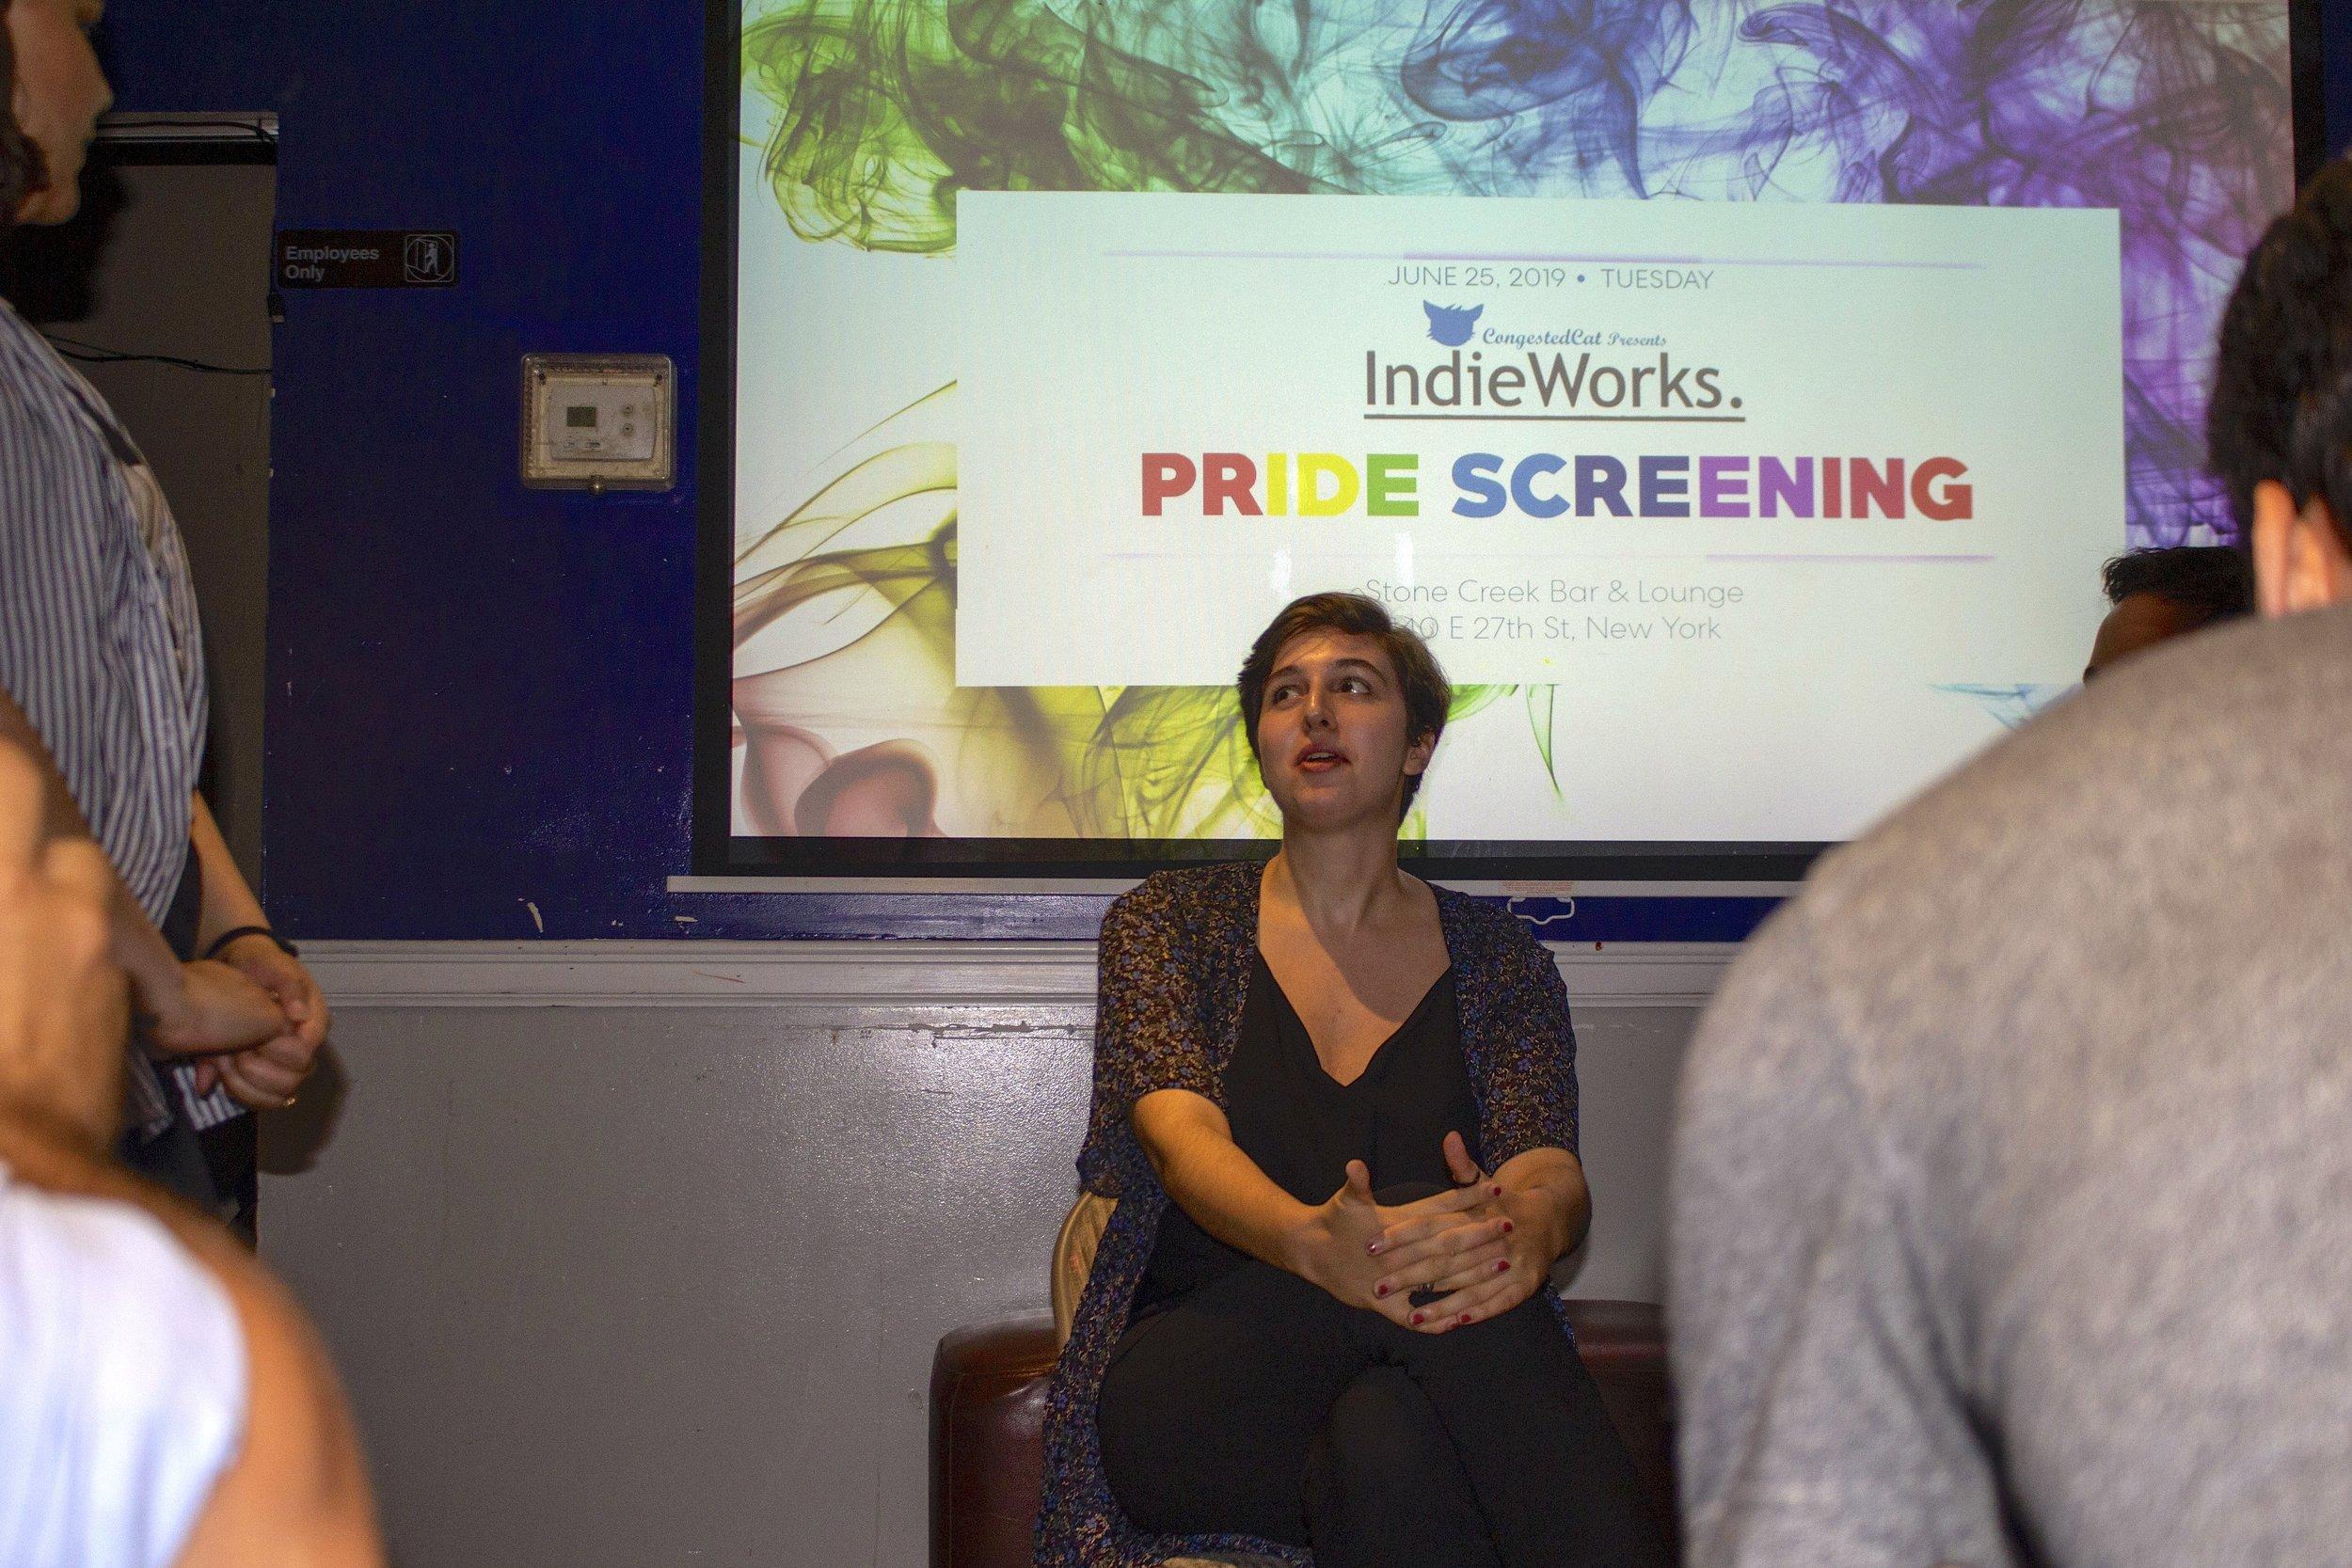 IndieWorks_Pride_6.jpg